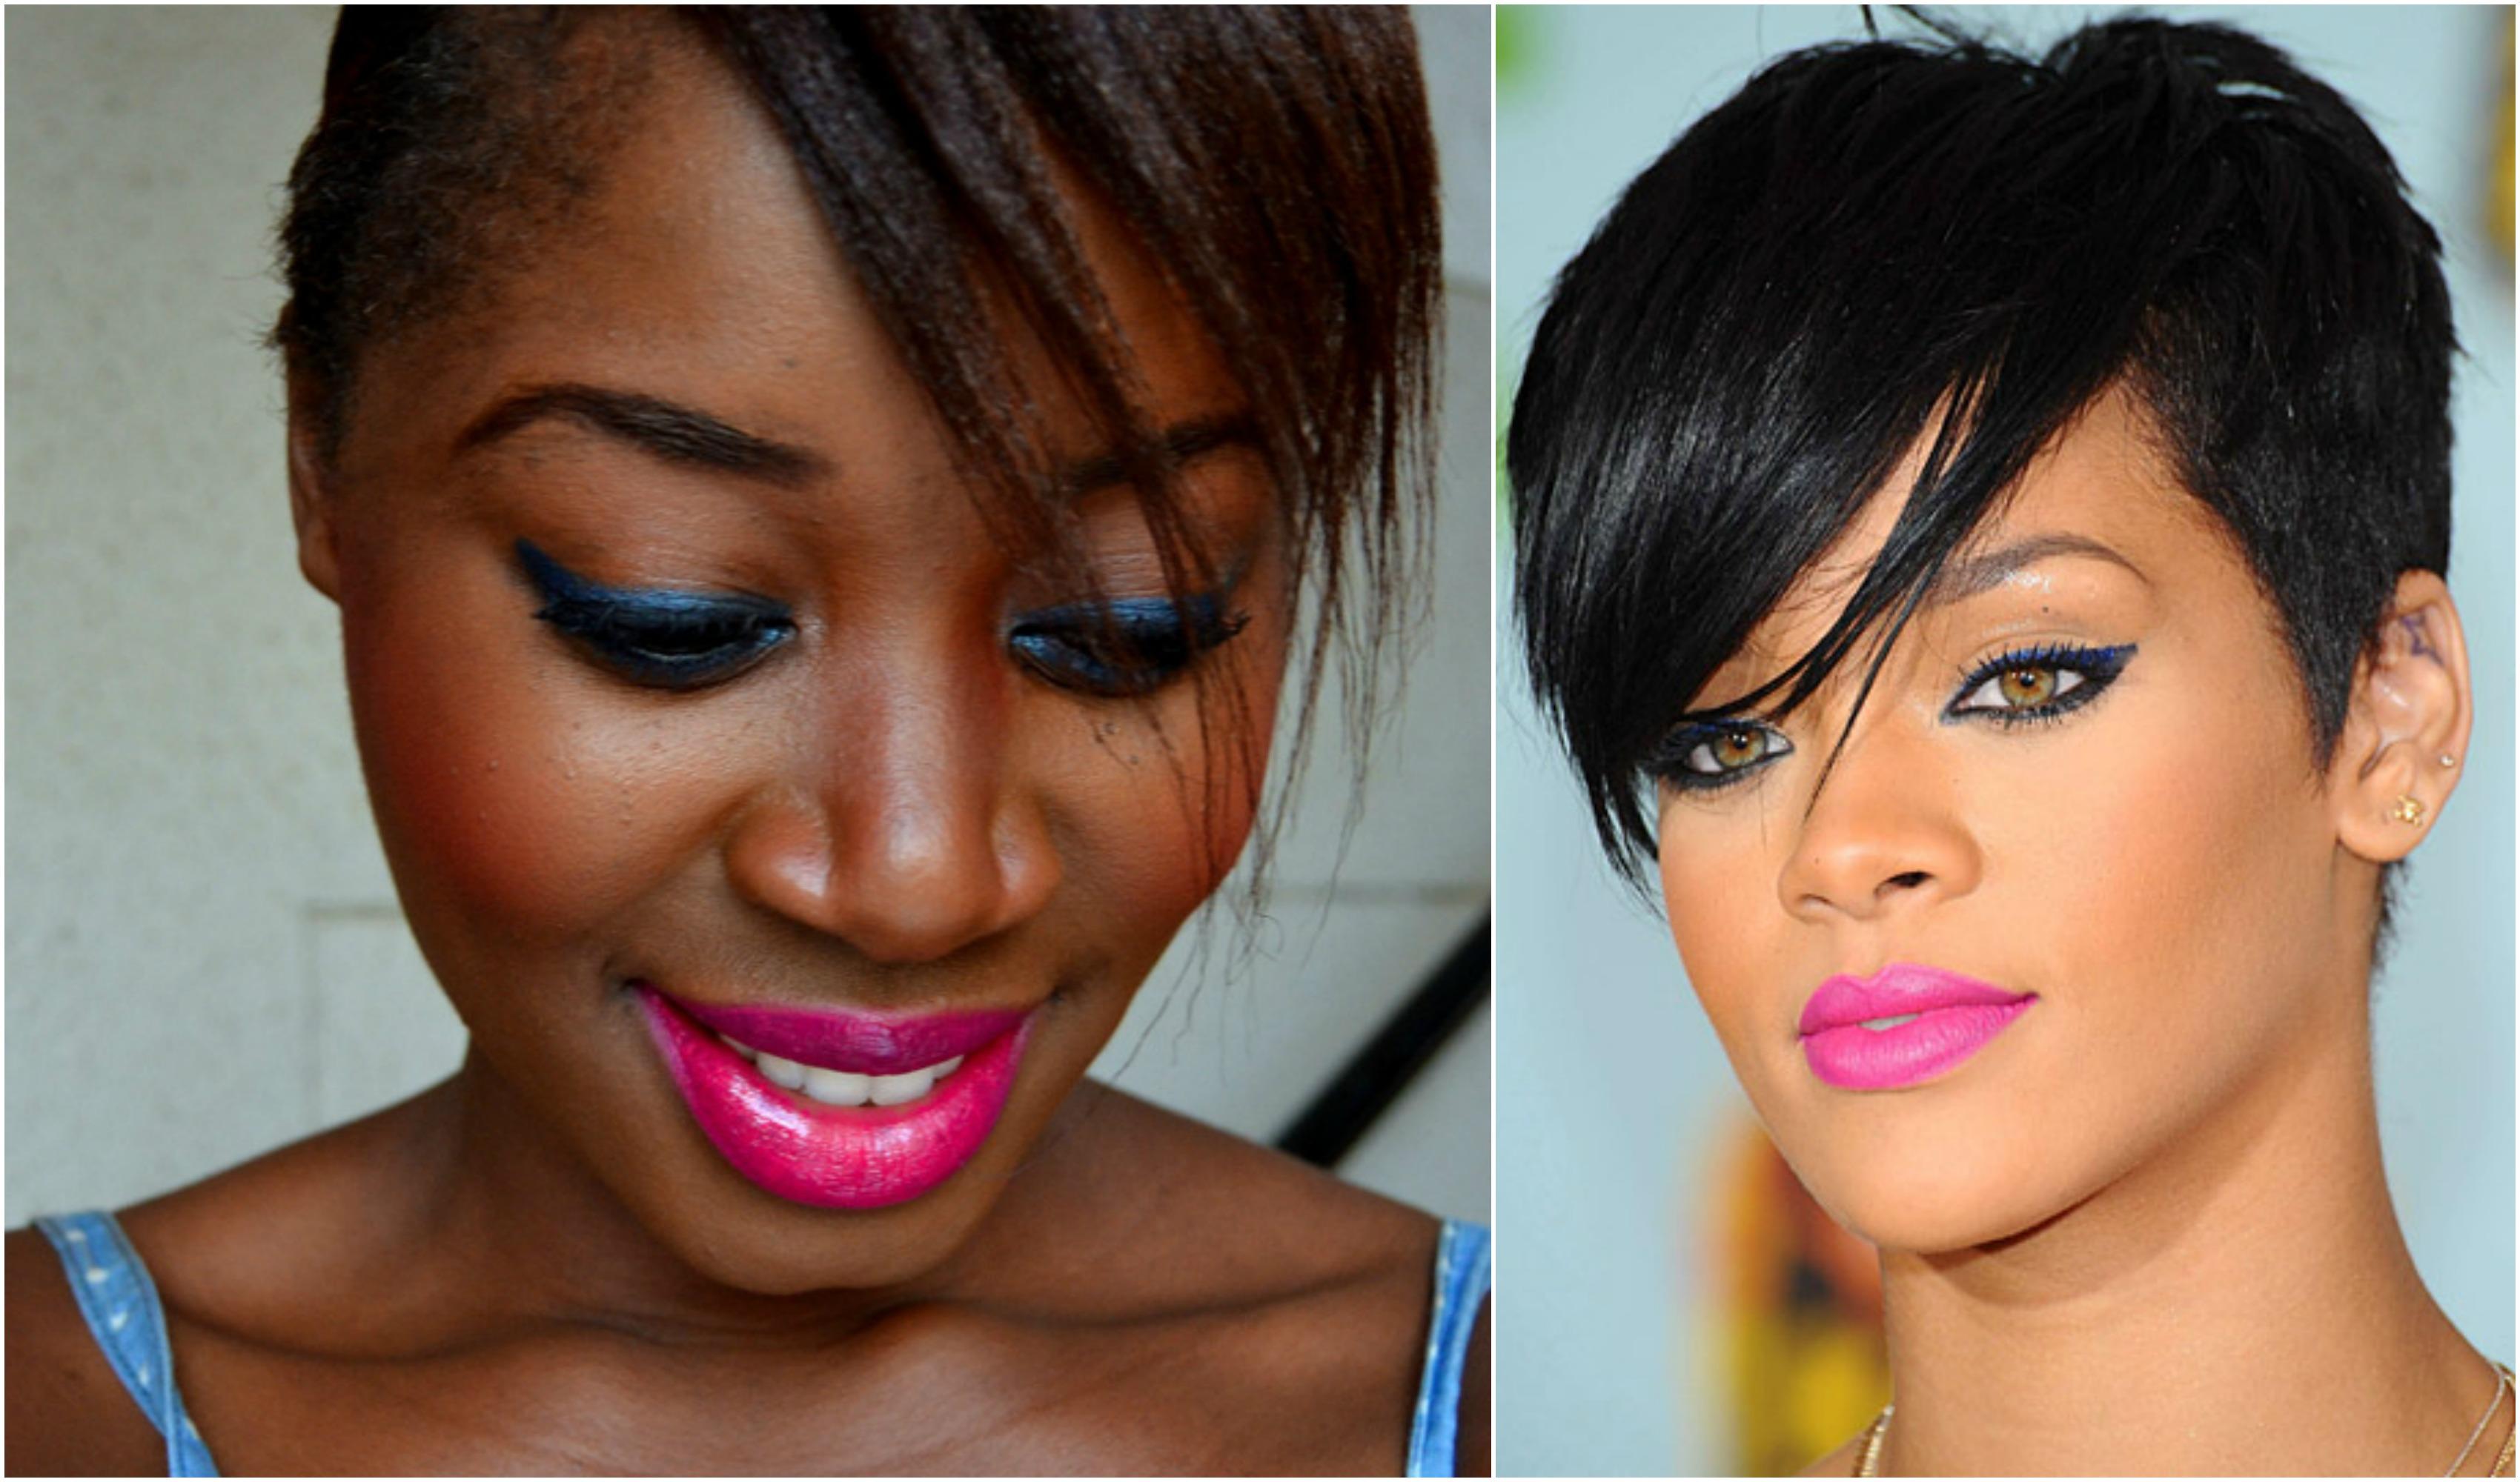 rihanna-inspired-makerihanna-inspired-makeupup